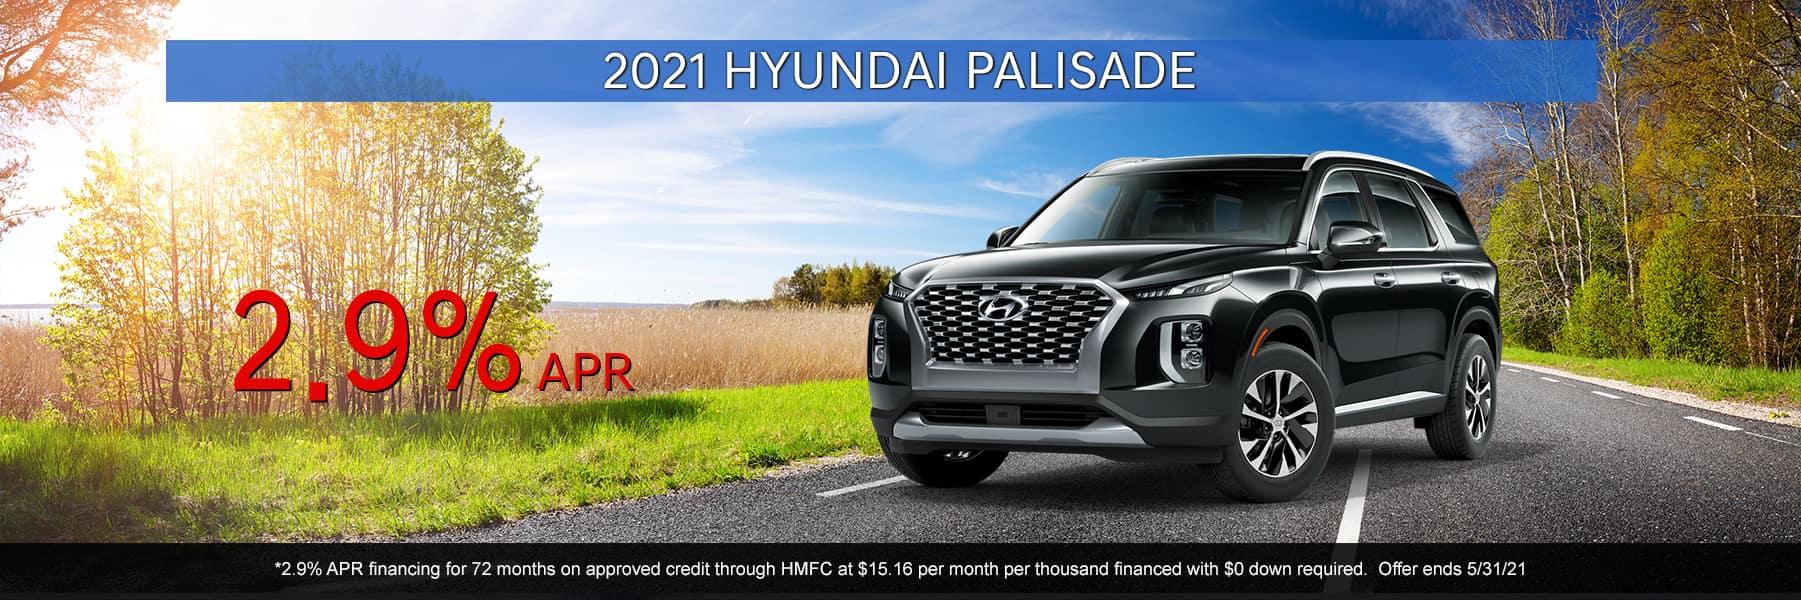 2021-Hyundai-Palisade-May21